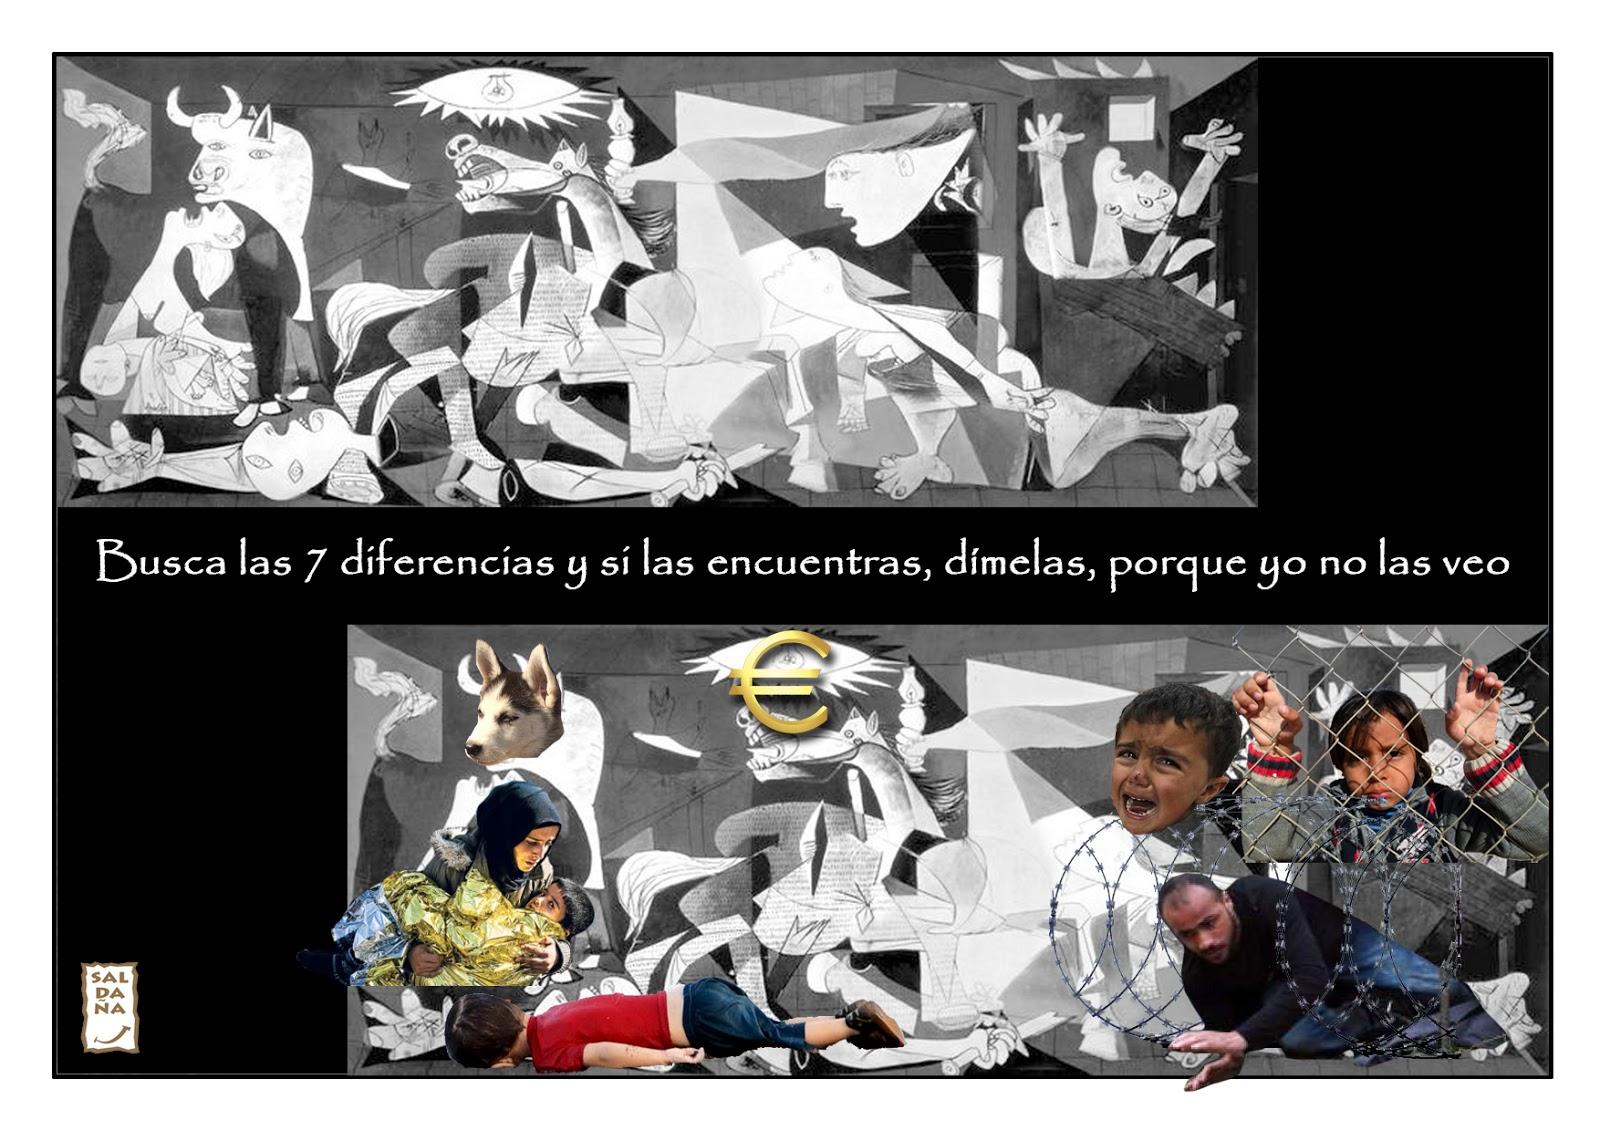 Keiskamma Guernica 1 000 479 Pixels Guernica Sinbolo Bezala